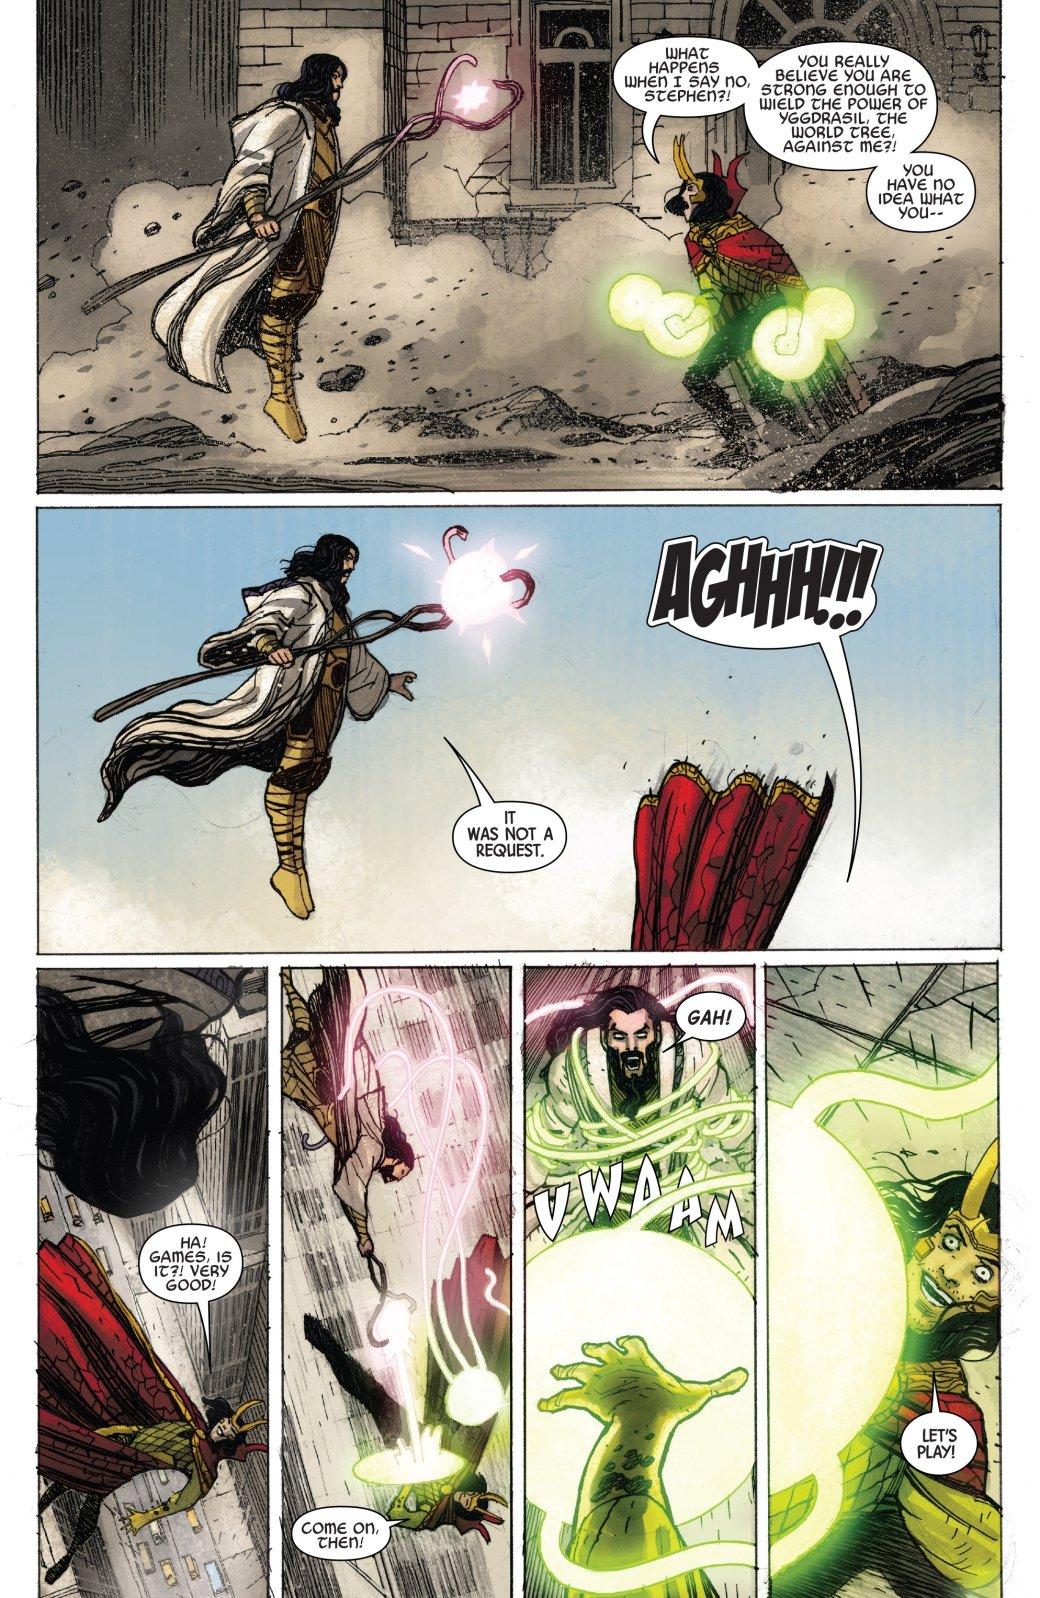 Чтобы победить Локи, Доктор Стрэндж призвал одного изсамых сильных злодеев Marvel. - Изображение 1